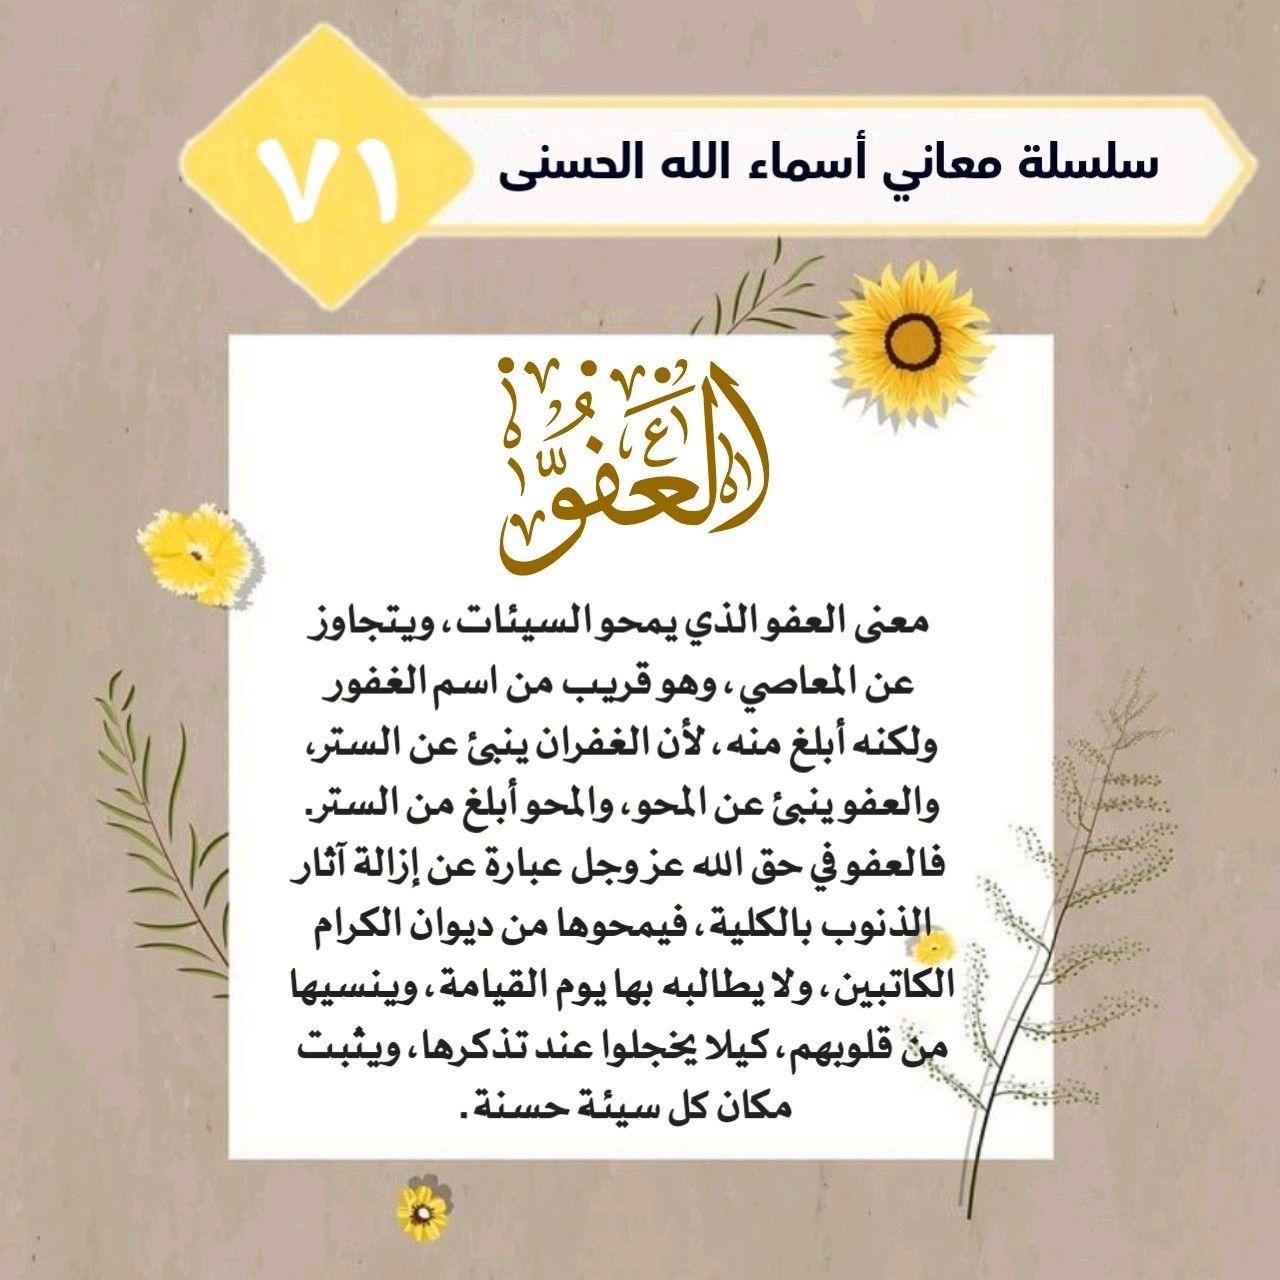 أسماء الله الحسنى Lettering Letter Board Qoutes